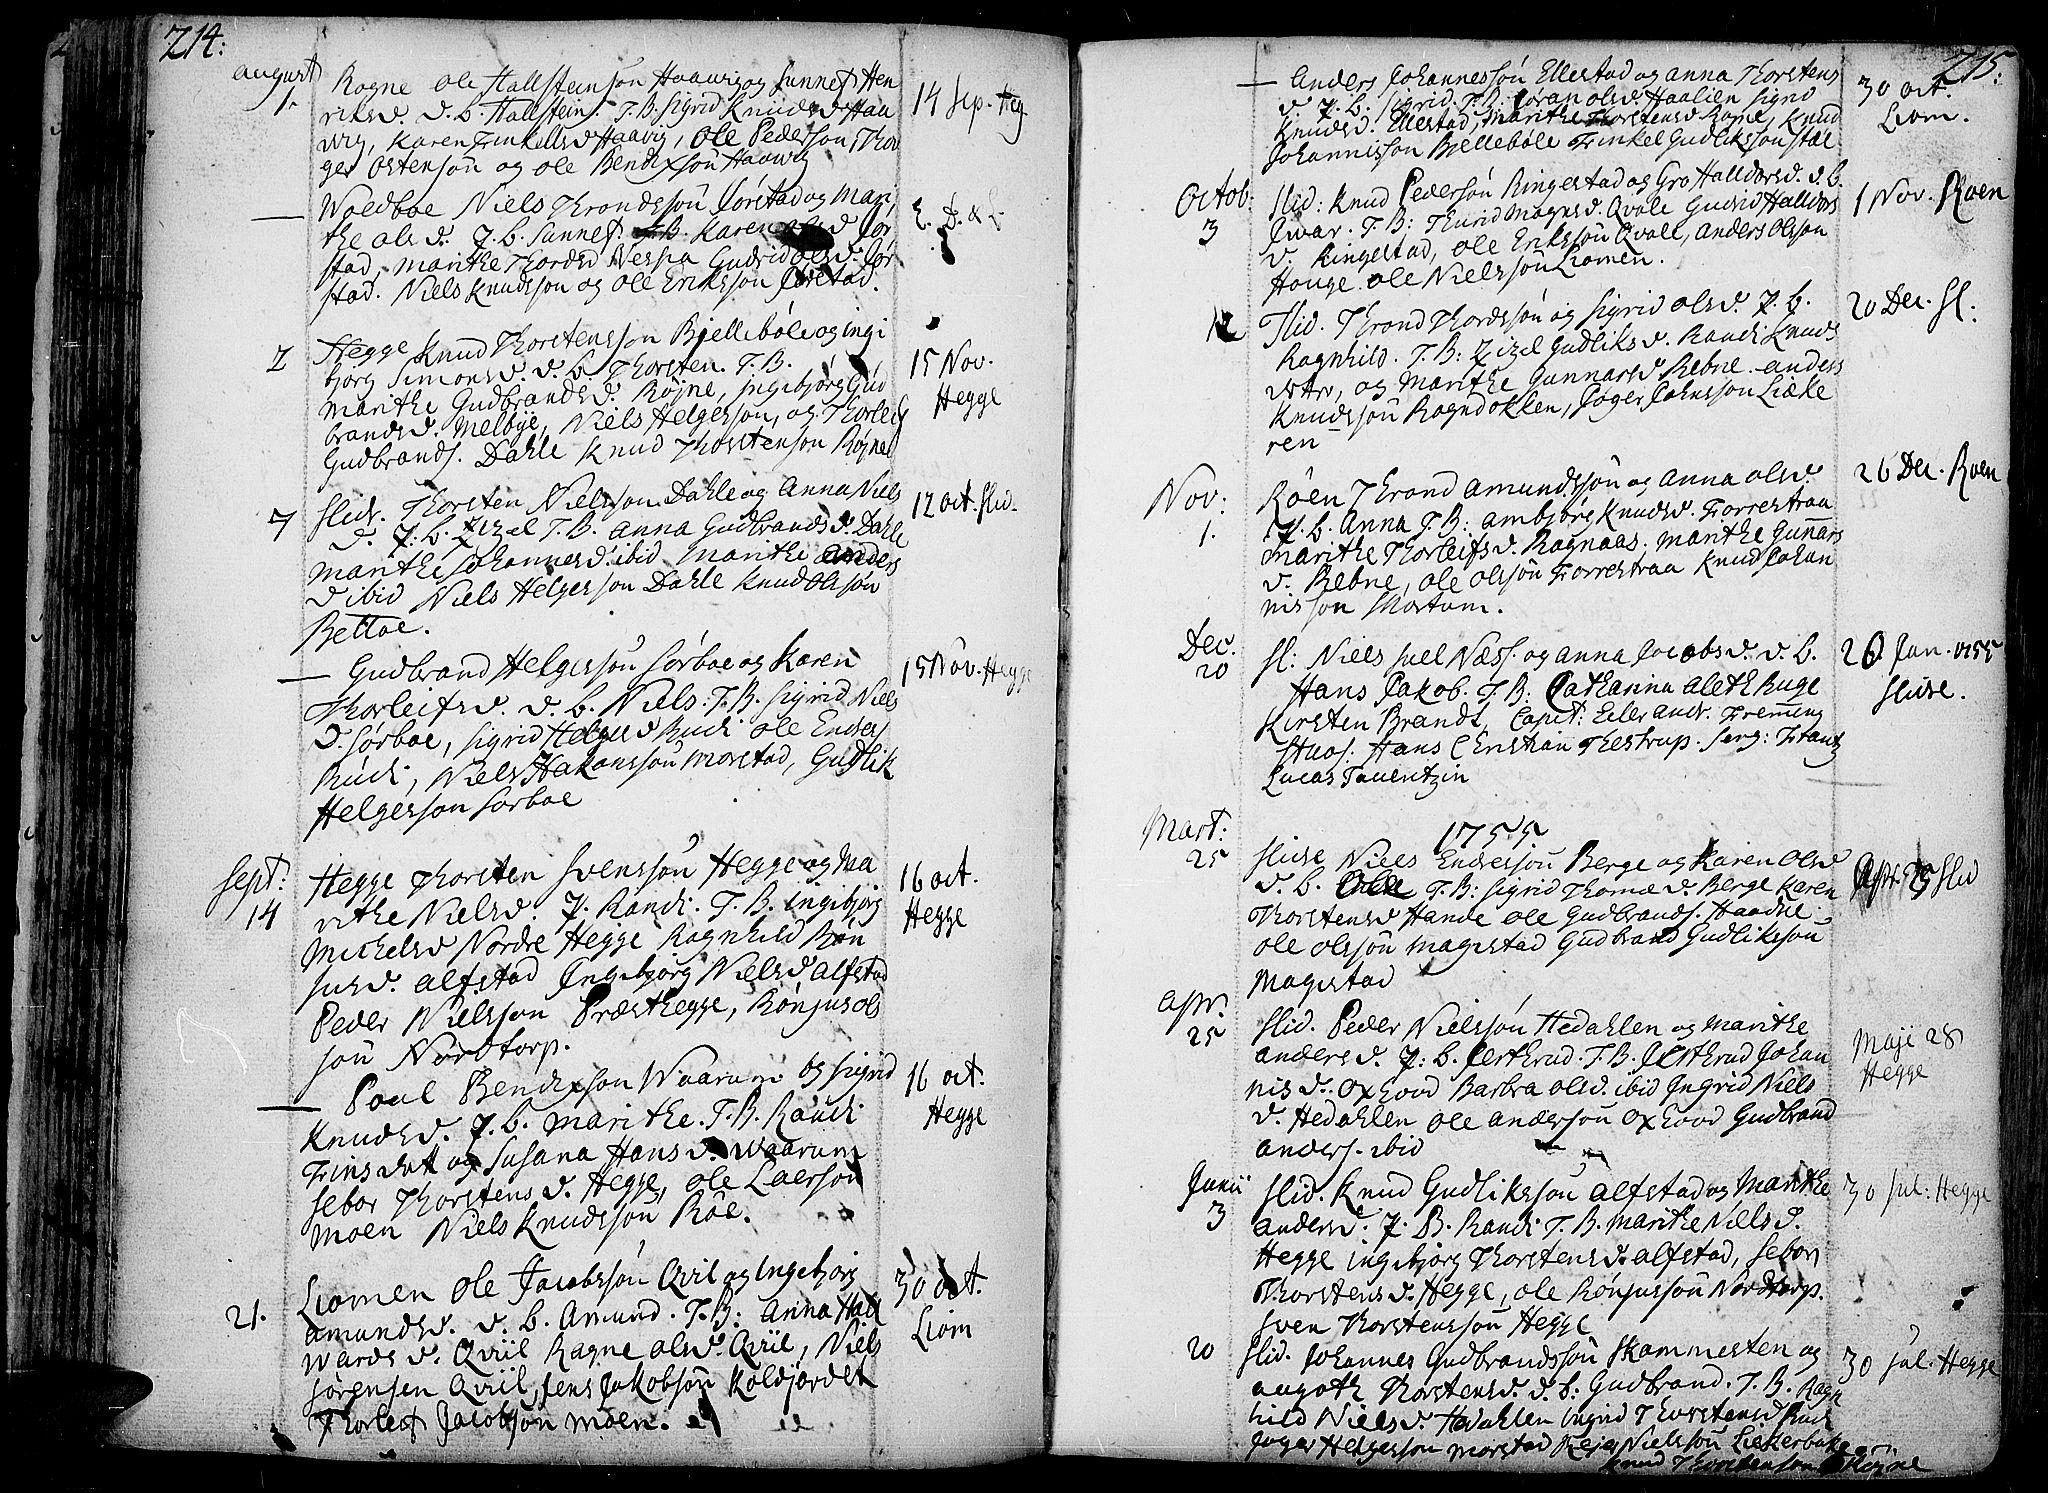 SAH, Slidre prestekontor, Ministerialbok nr. 1, 1724-1814, s. 214-215